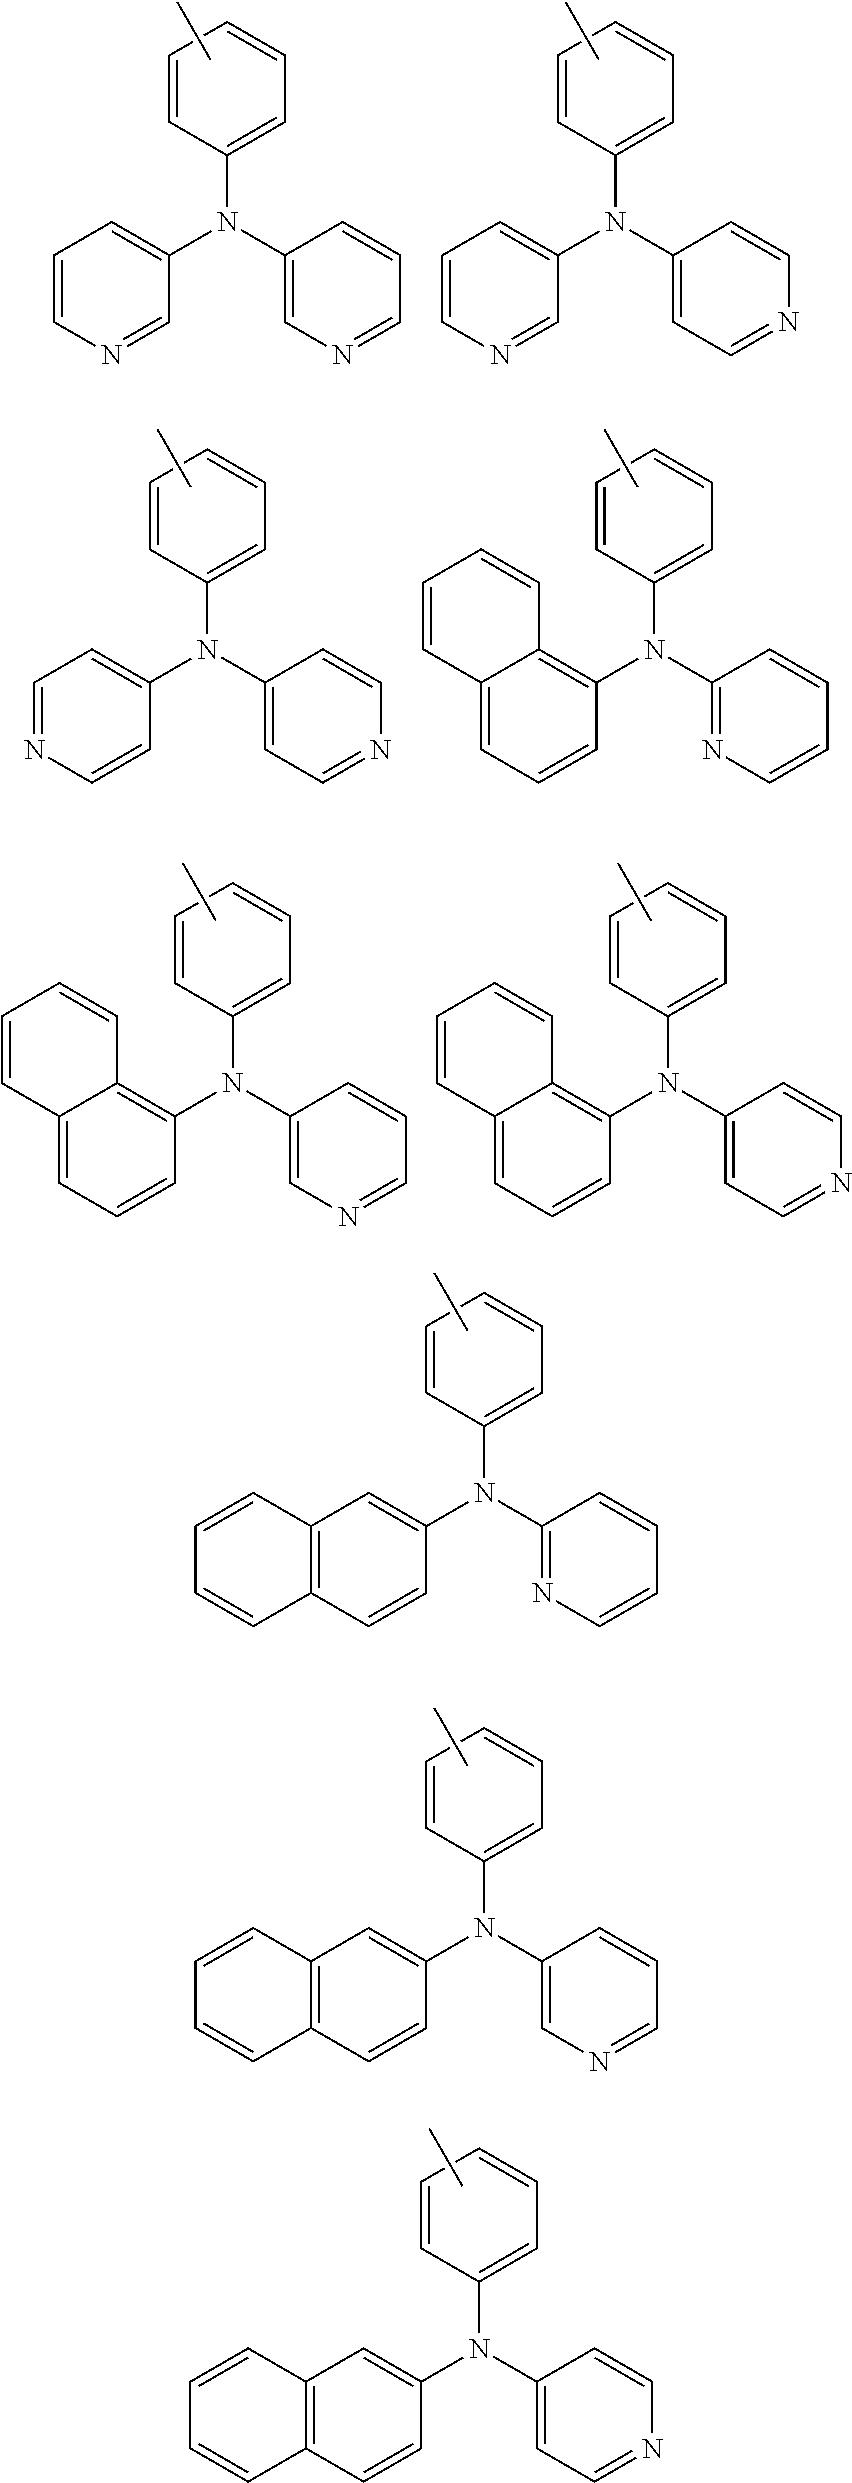 Figure US20150280139A1-20151001-C00012